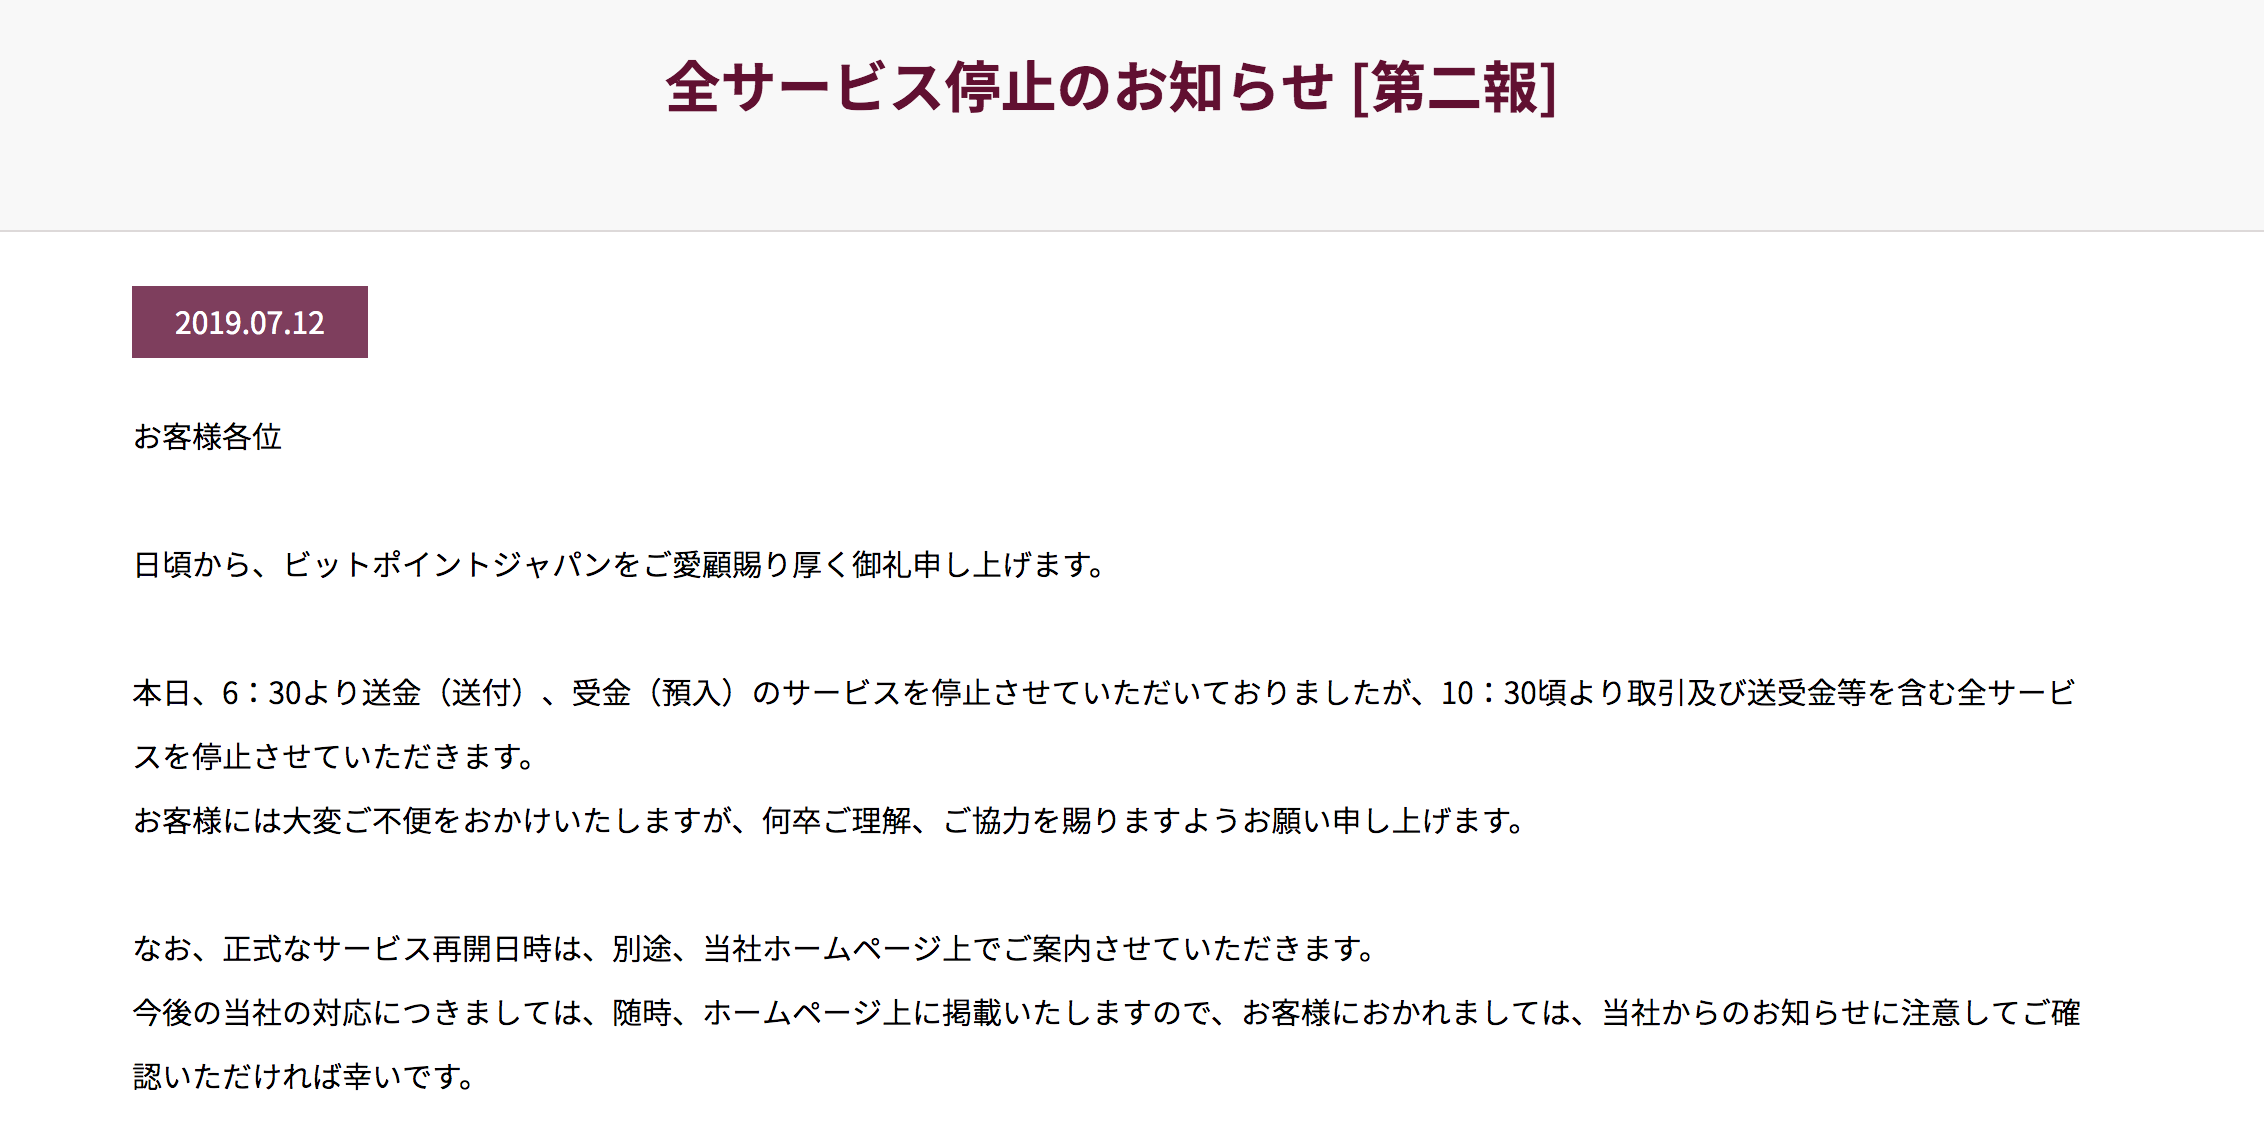 7月12日 Bitpoint(ビットポイント) ハッキング